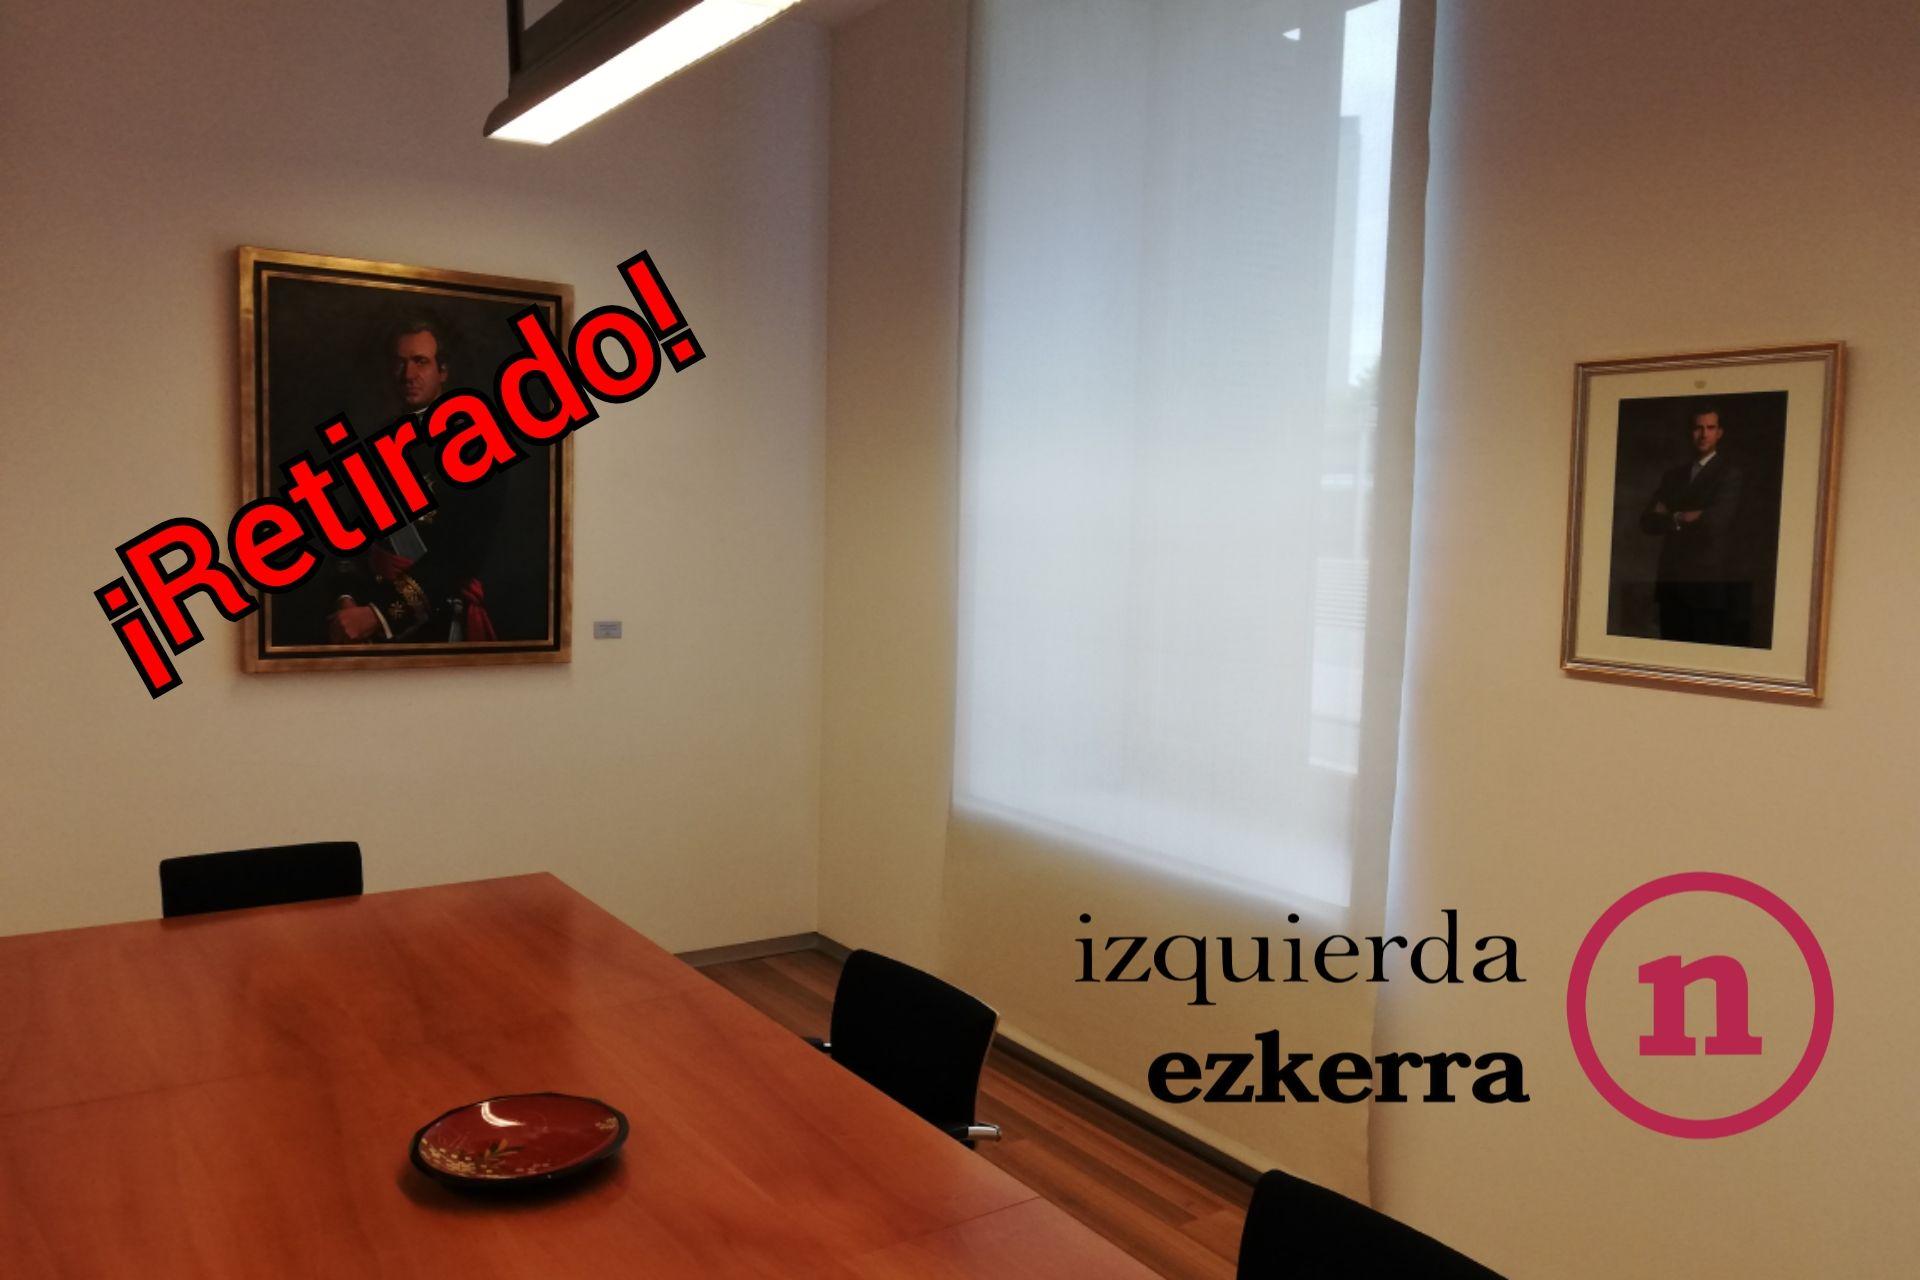 La Junta de Portavoces del Parlamento acuerda, a solicitud de I-E, la retirada el retrato del ciudadano Juan Carlos de Borbón de la Sala de Gobierno